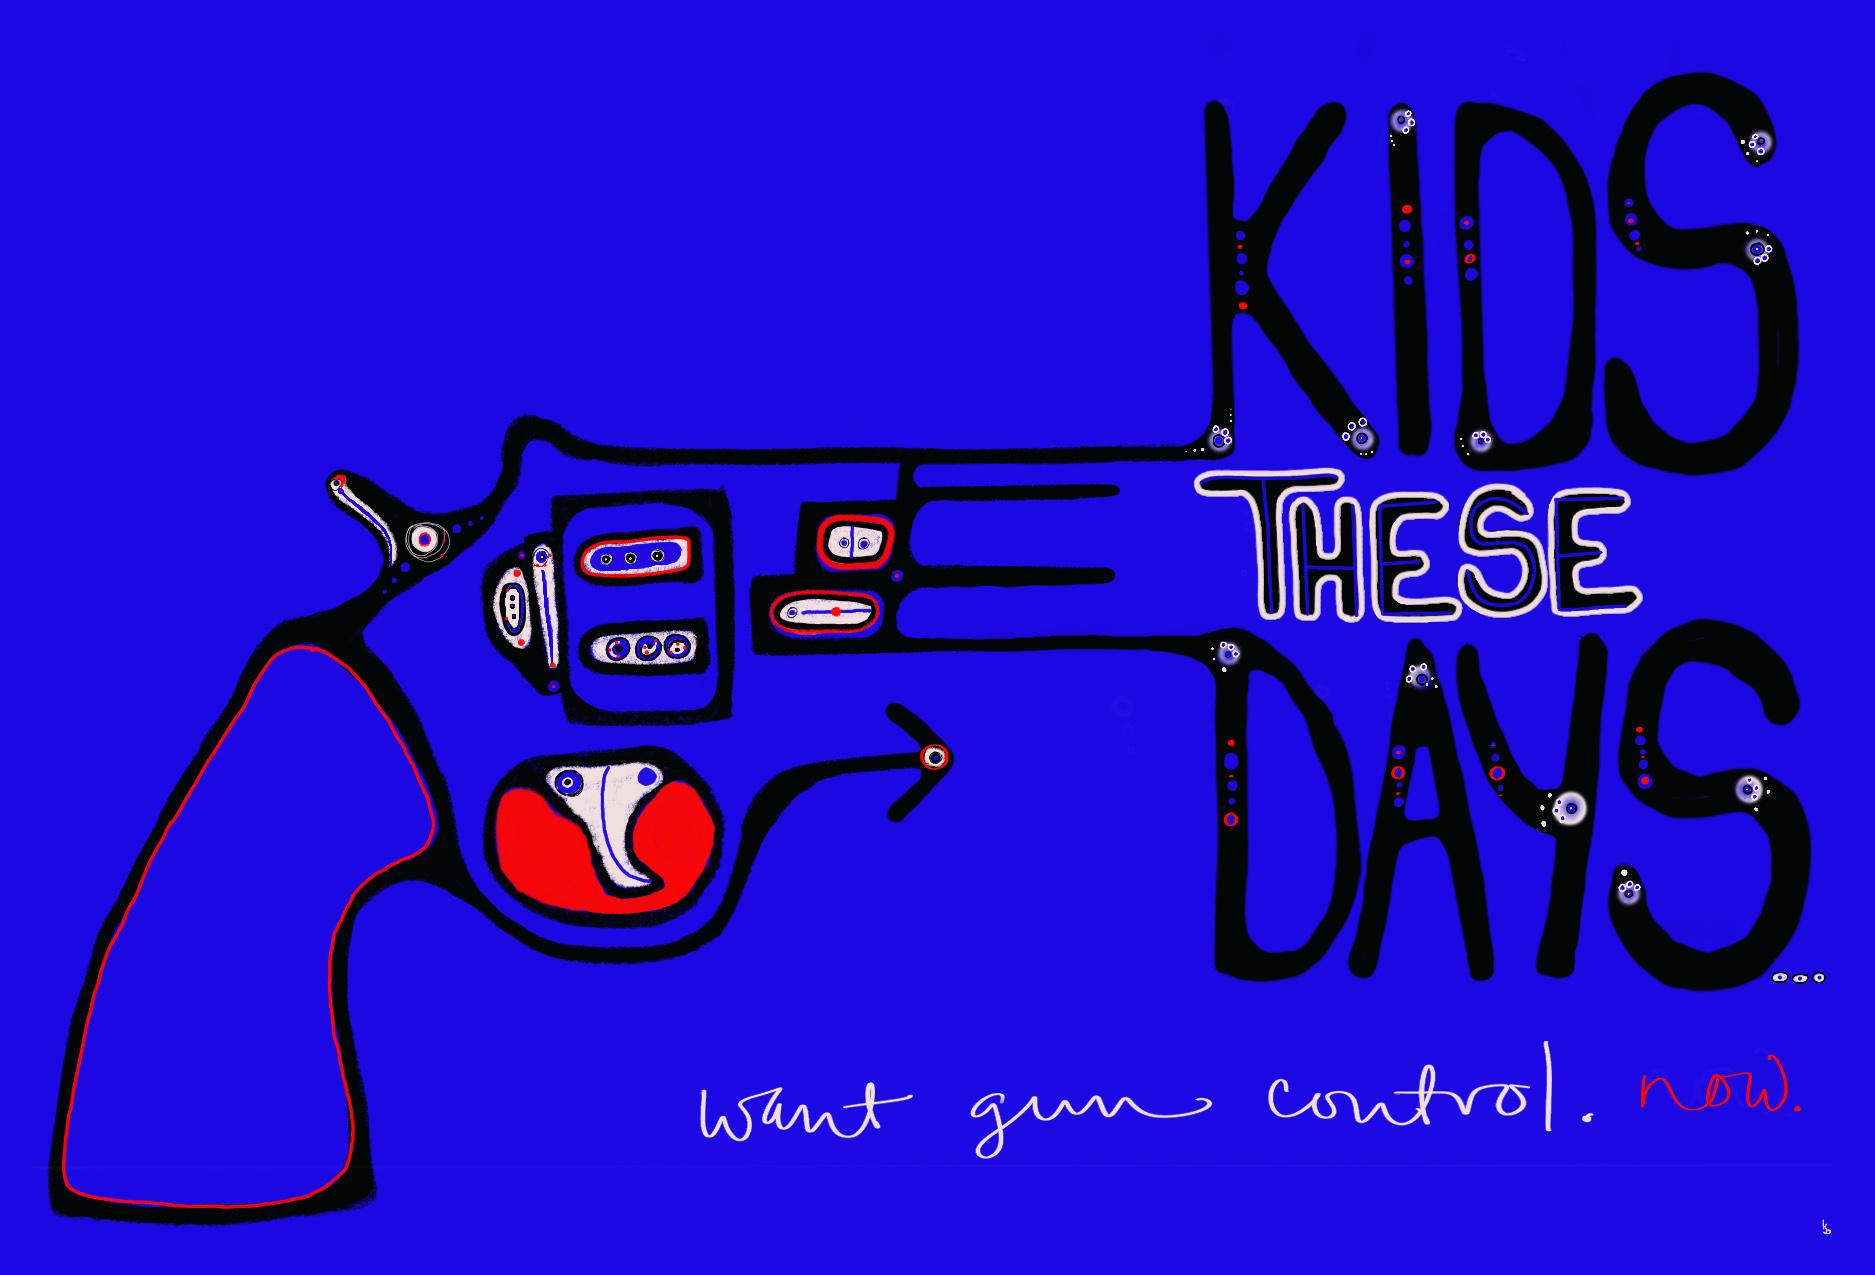 Becker_0001_Becker_Kids_These_Days.jpg